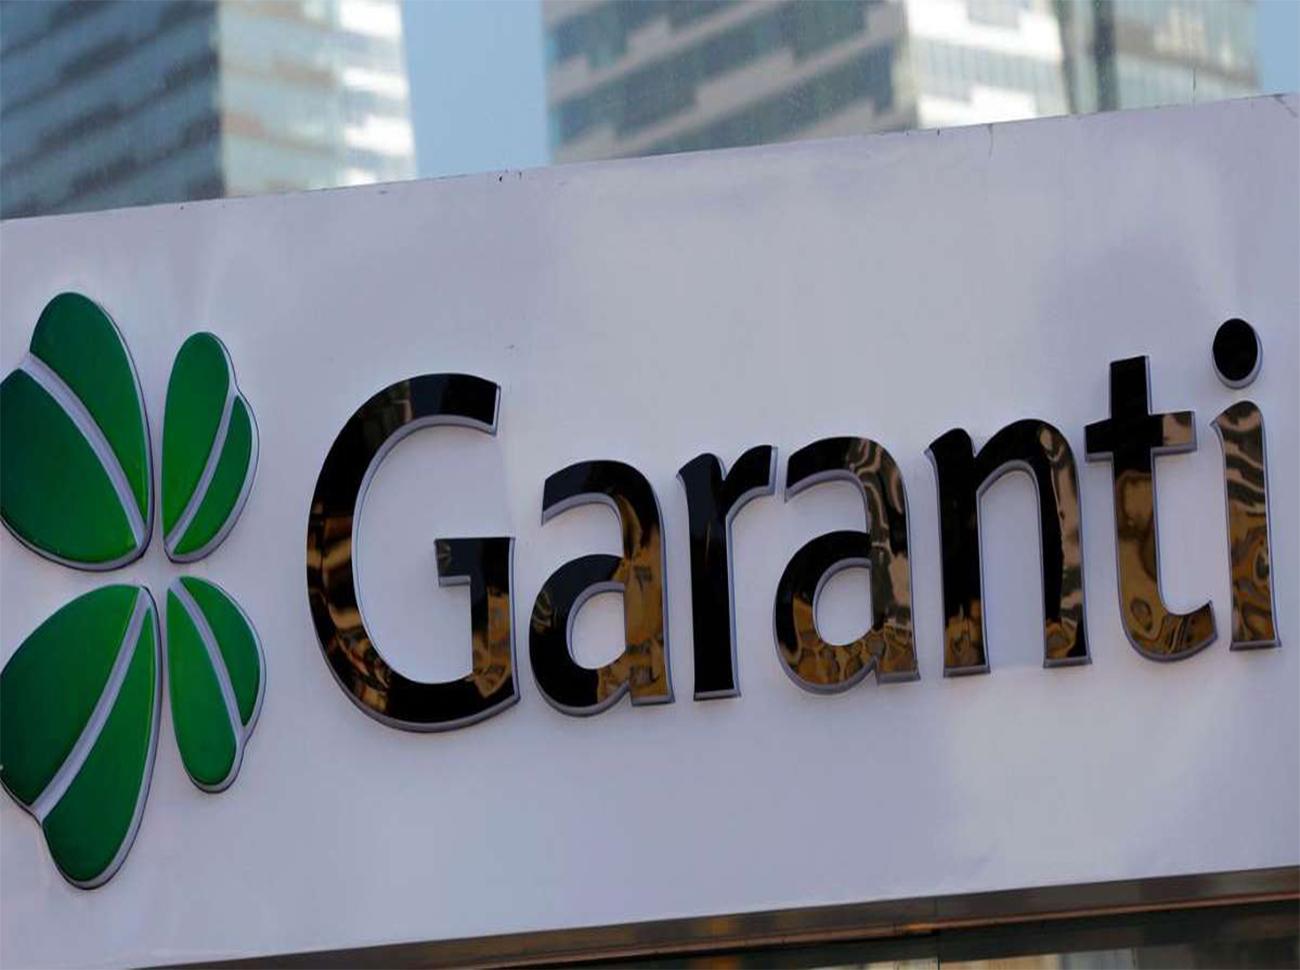 Garanti Bankası'nın Yeni İsmi: Garanti BBVA